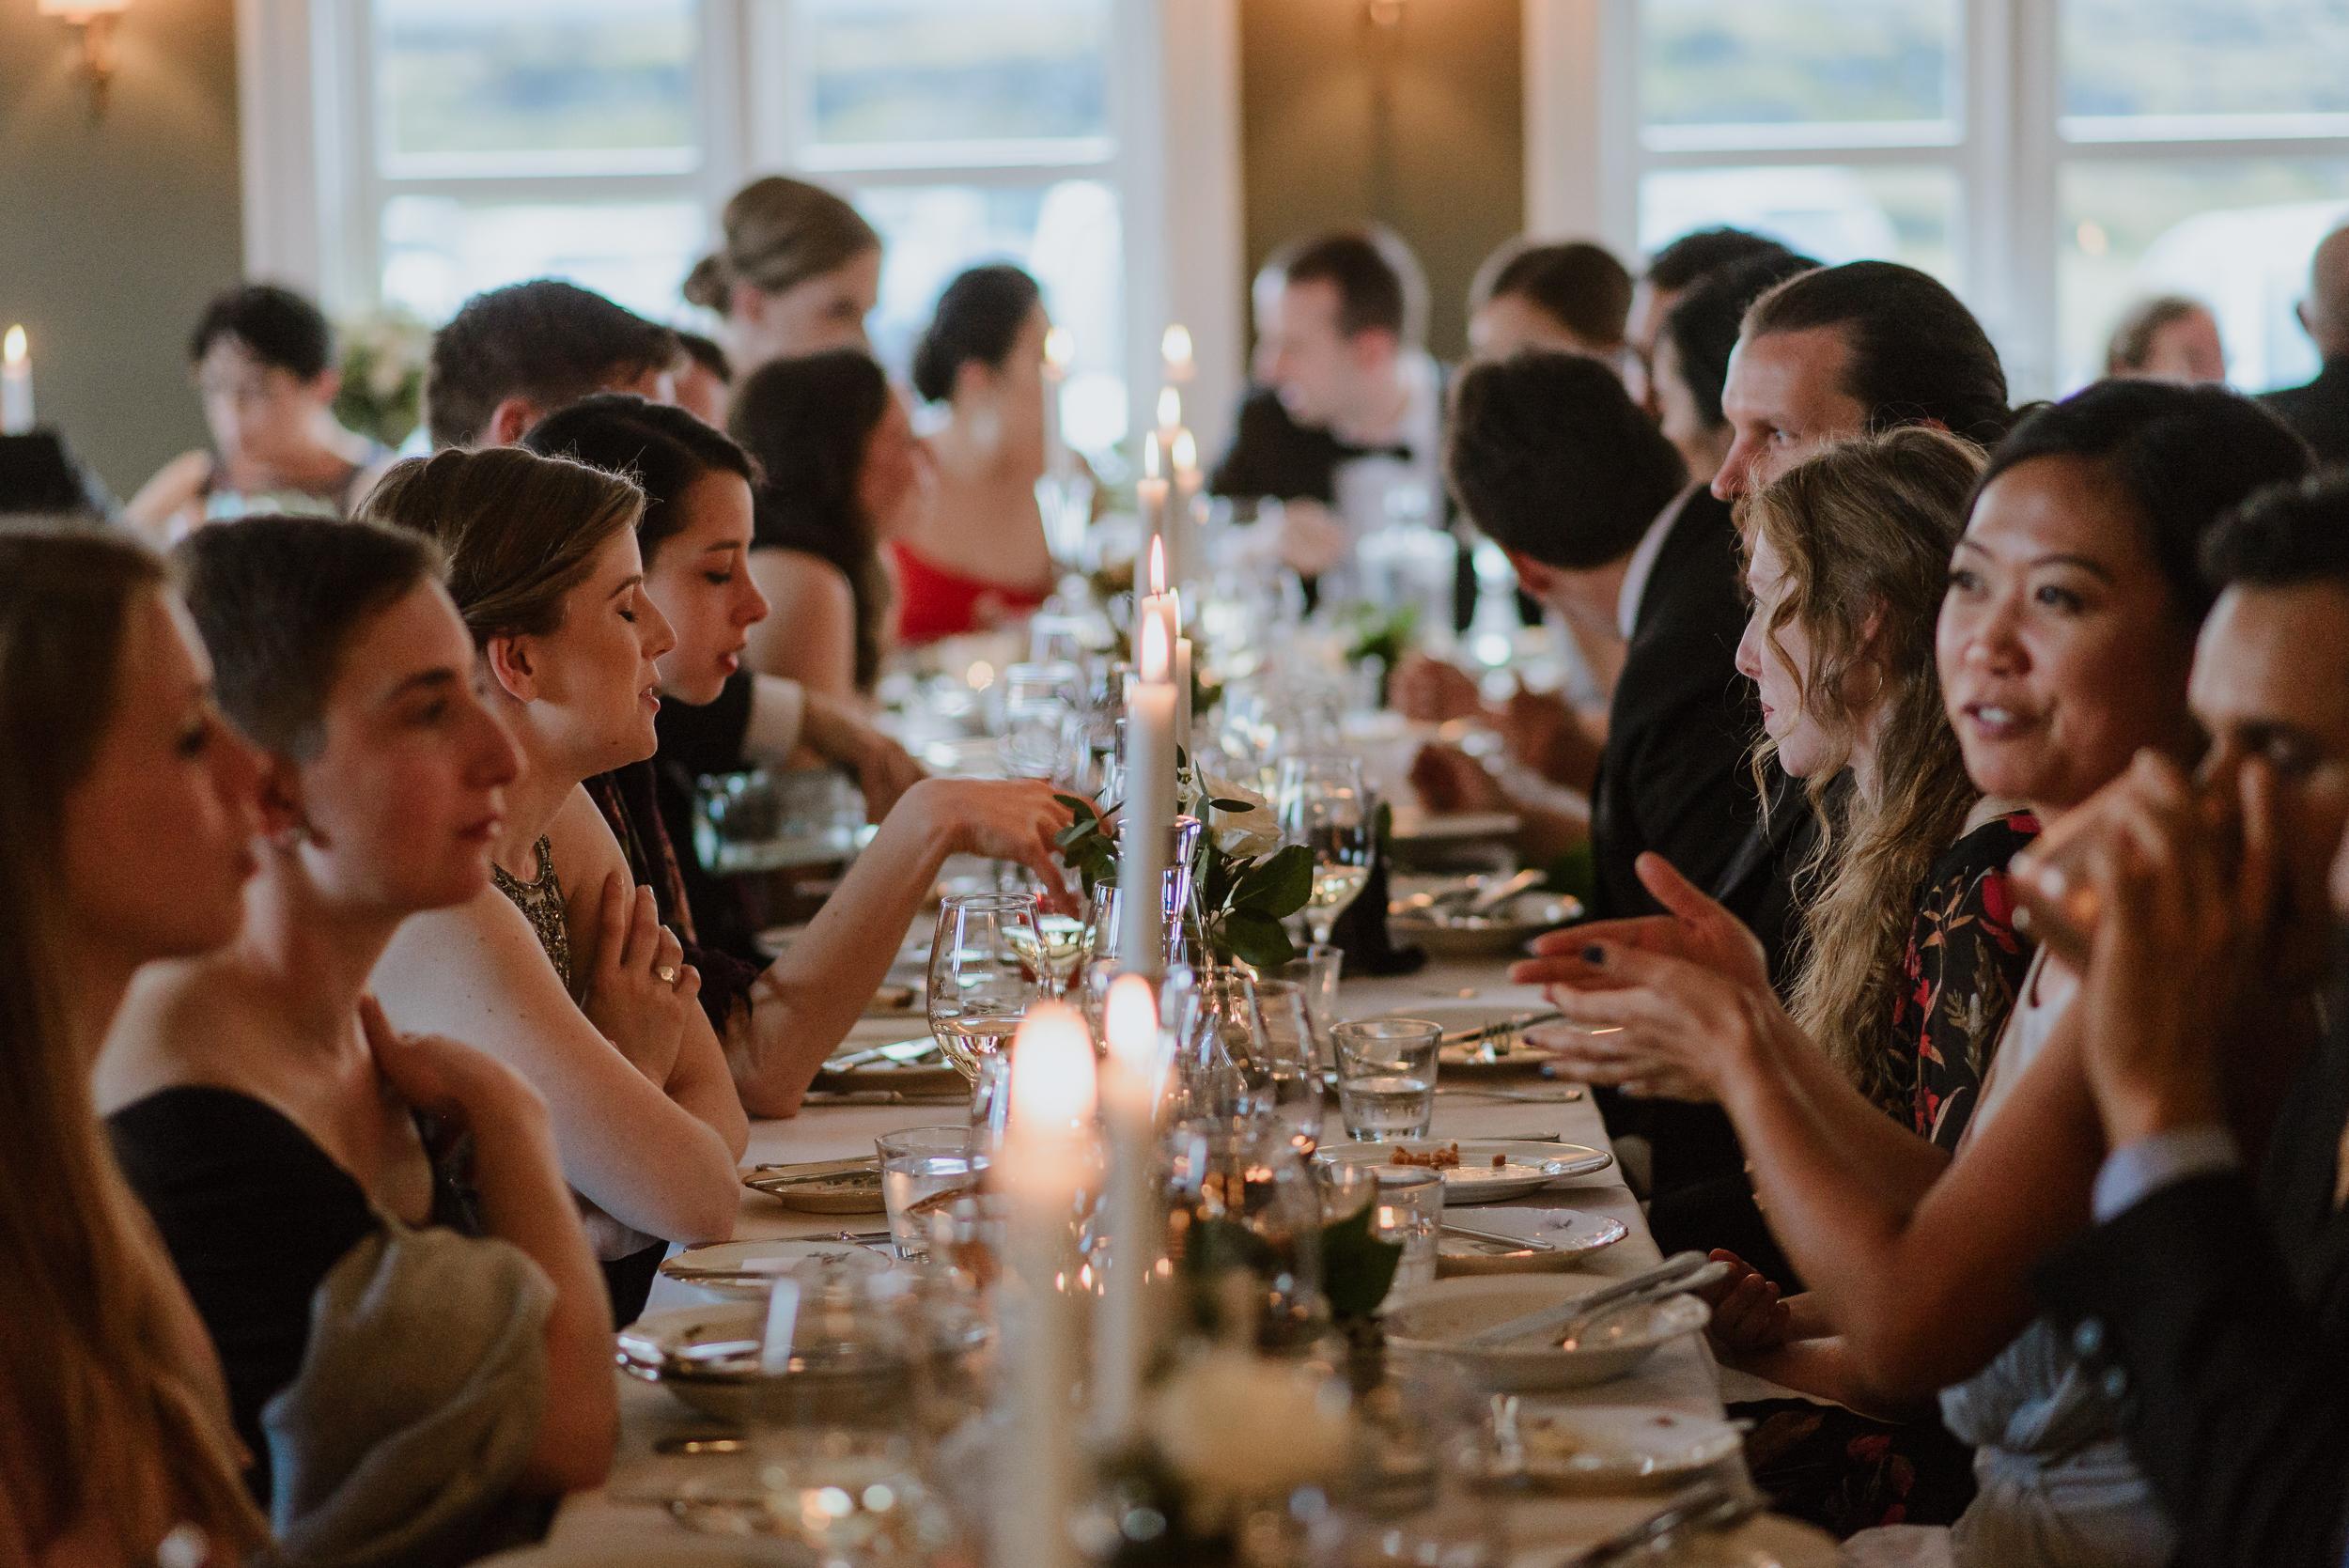 123-hotel-budir-iceland-destination-wedding-vivianchen-773.jpg